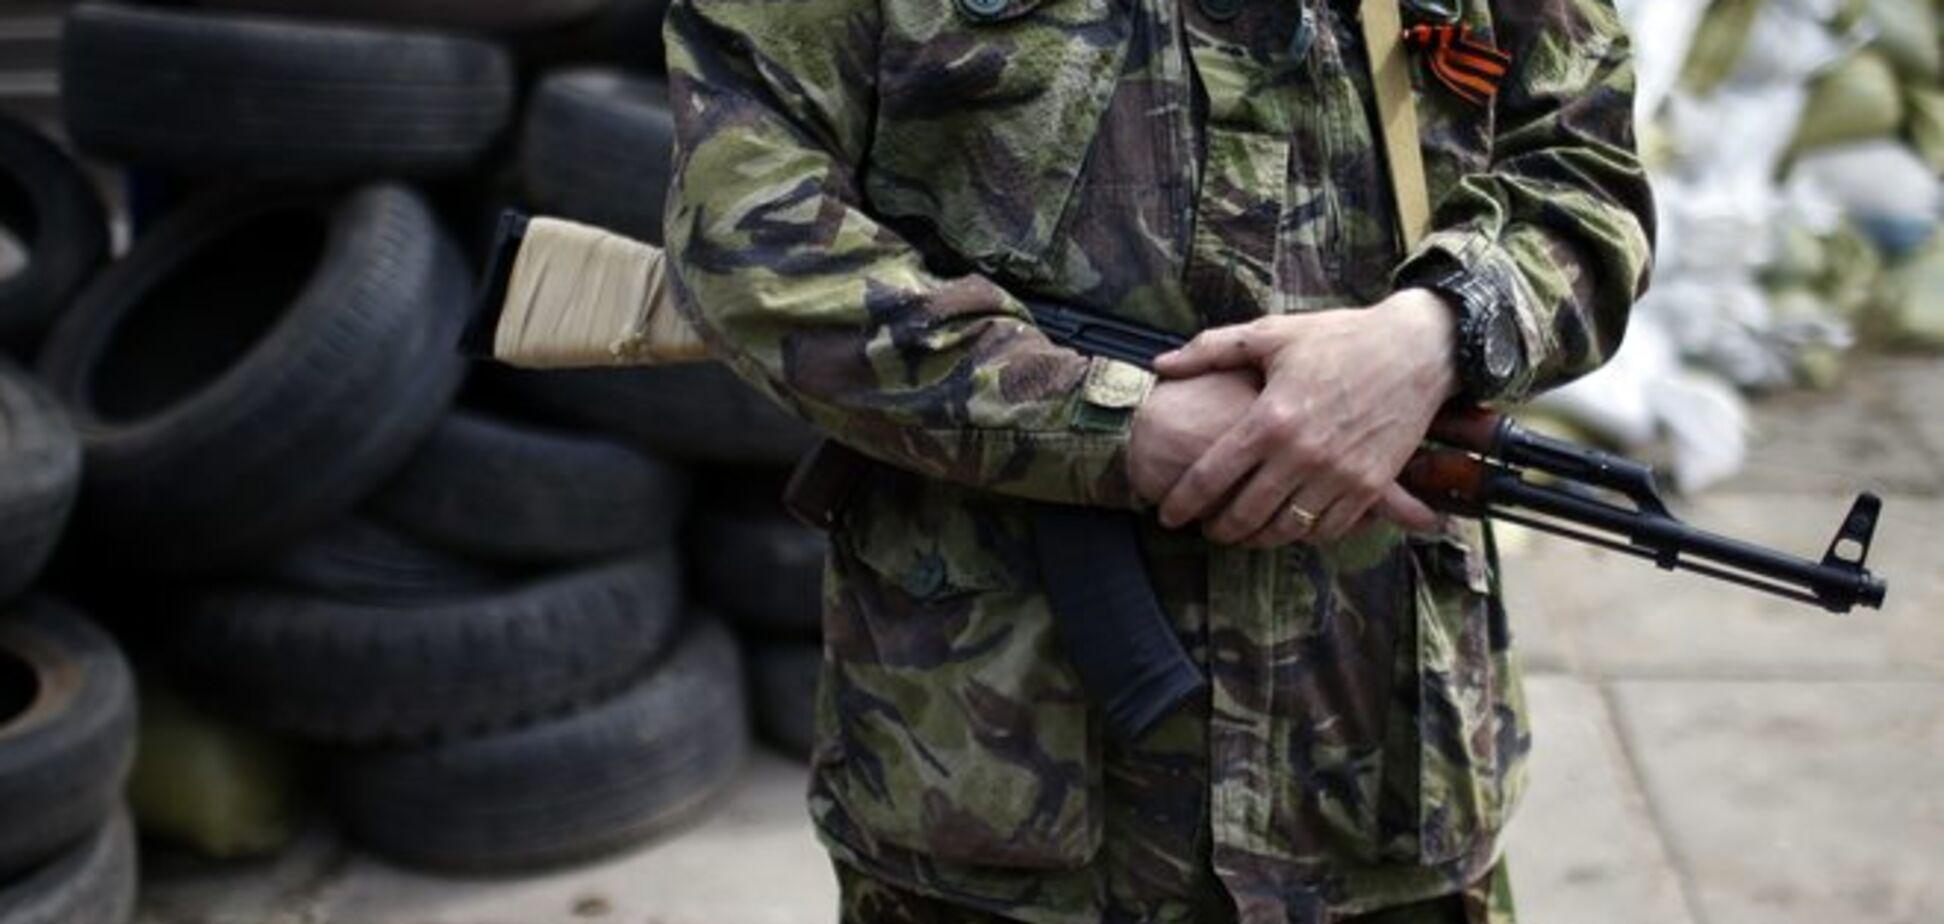 Террористы 'ДНР' приказали согнать на фронт всех, включая женщин